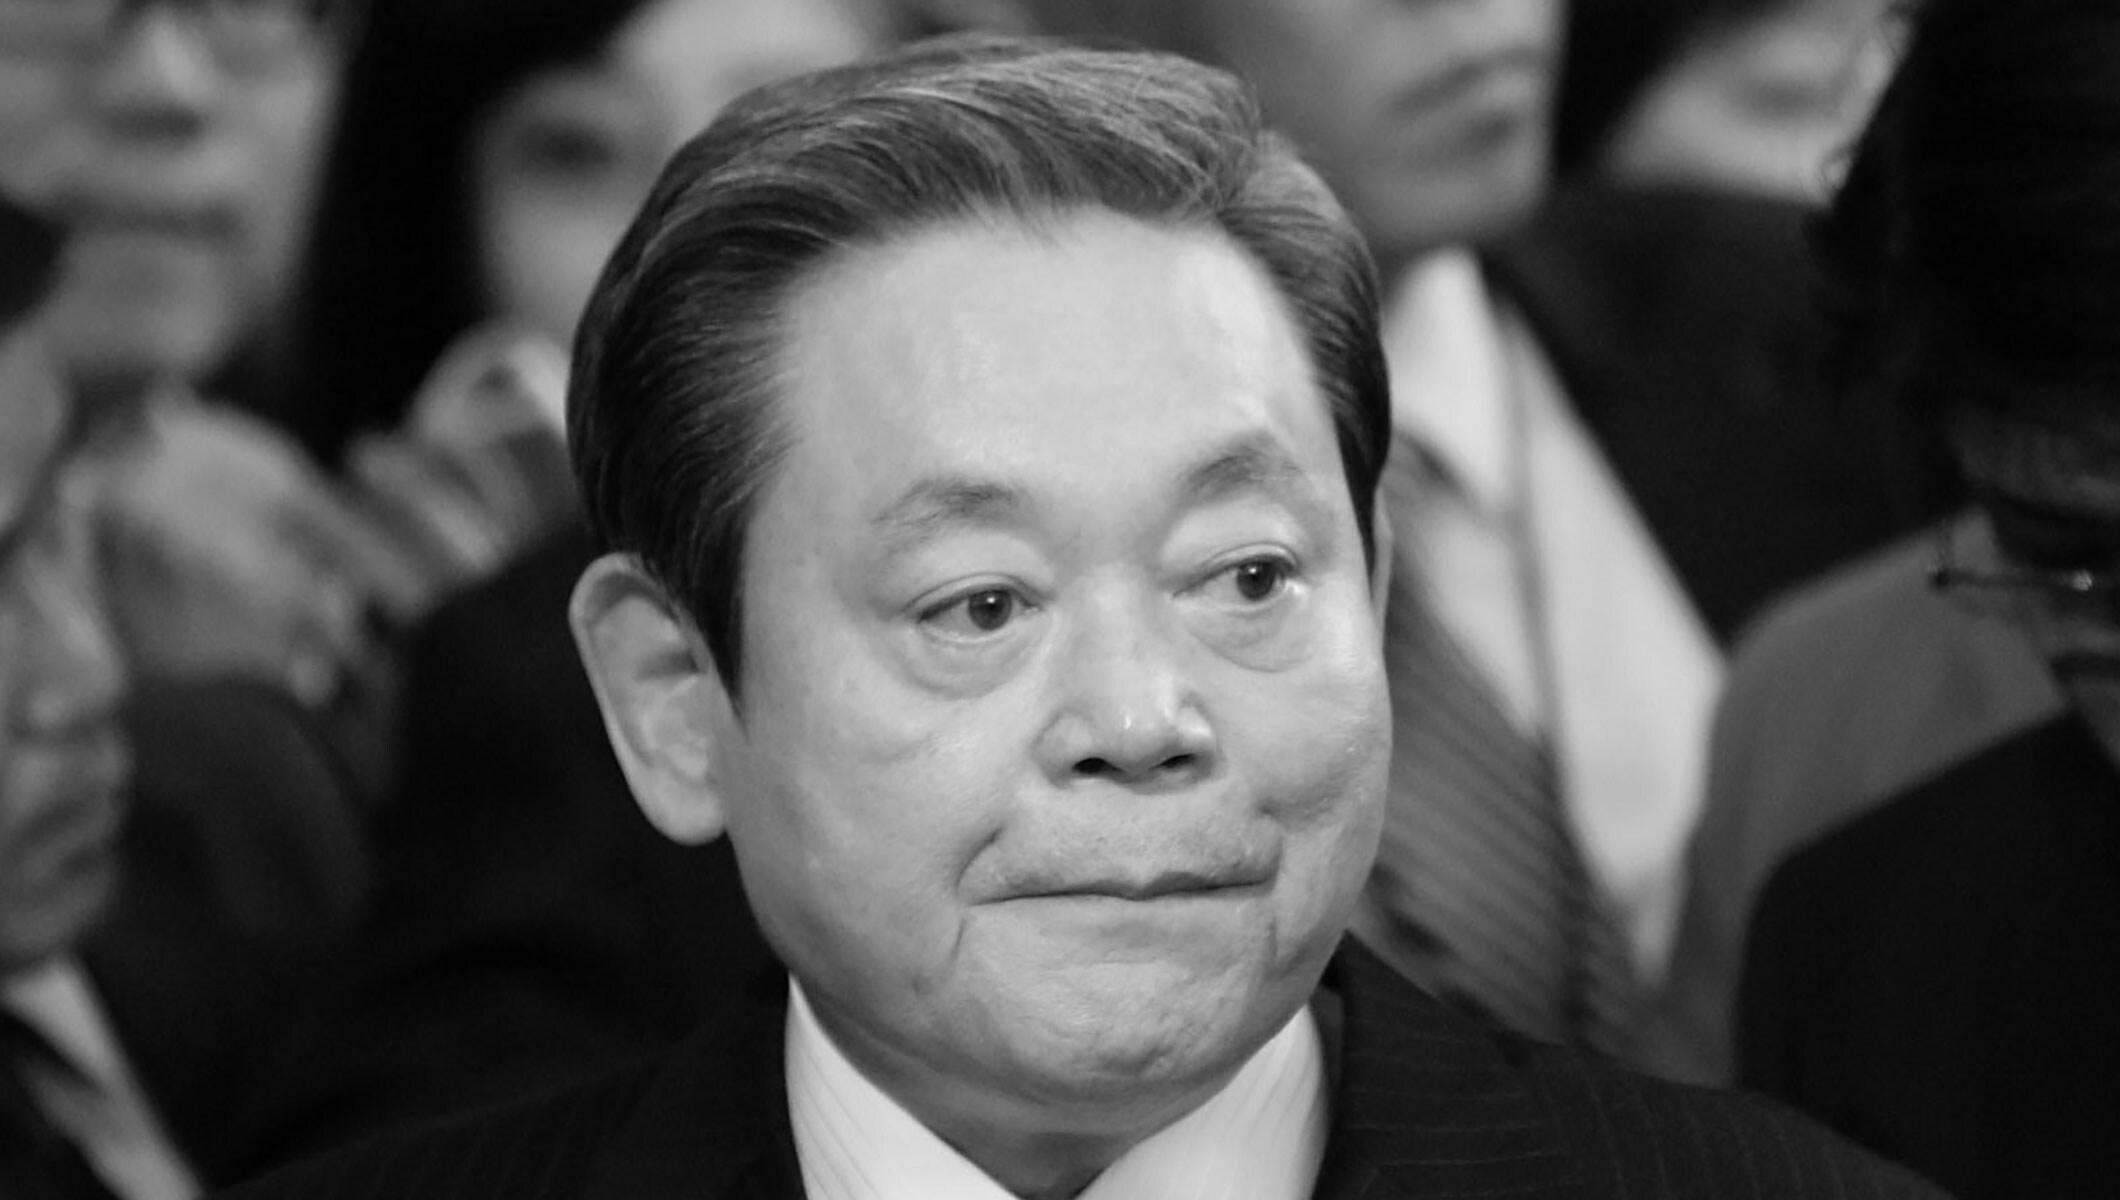 IOC Honorary Member Lee Kun-hee